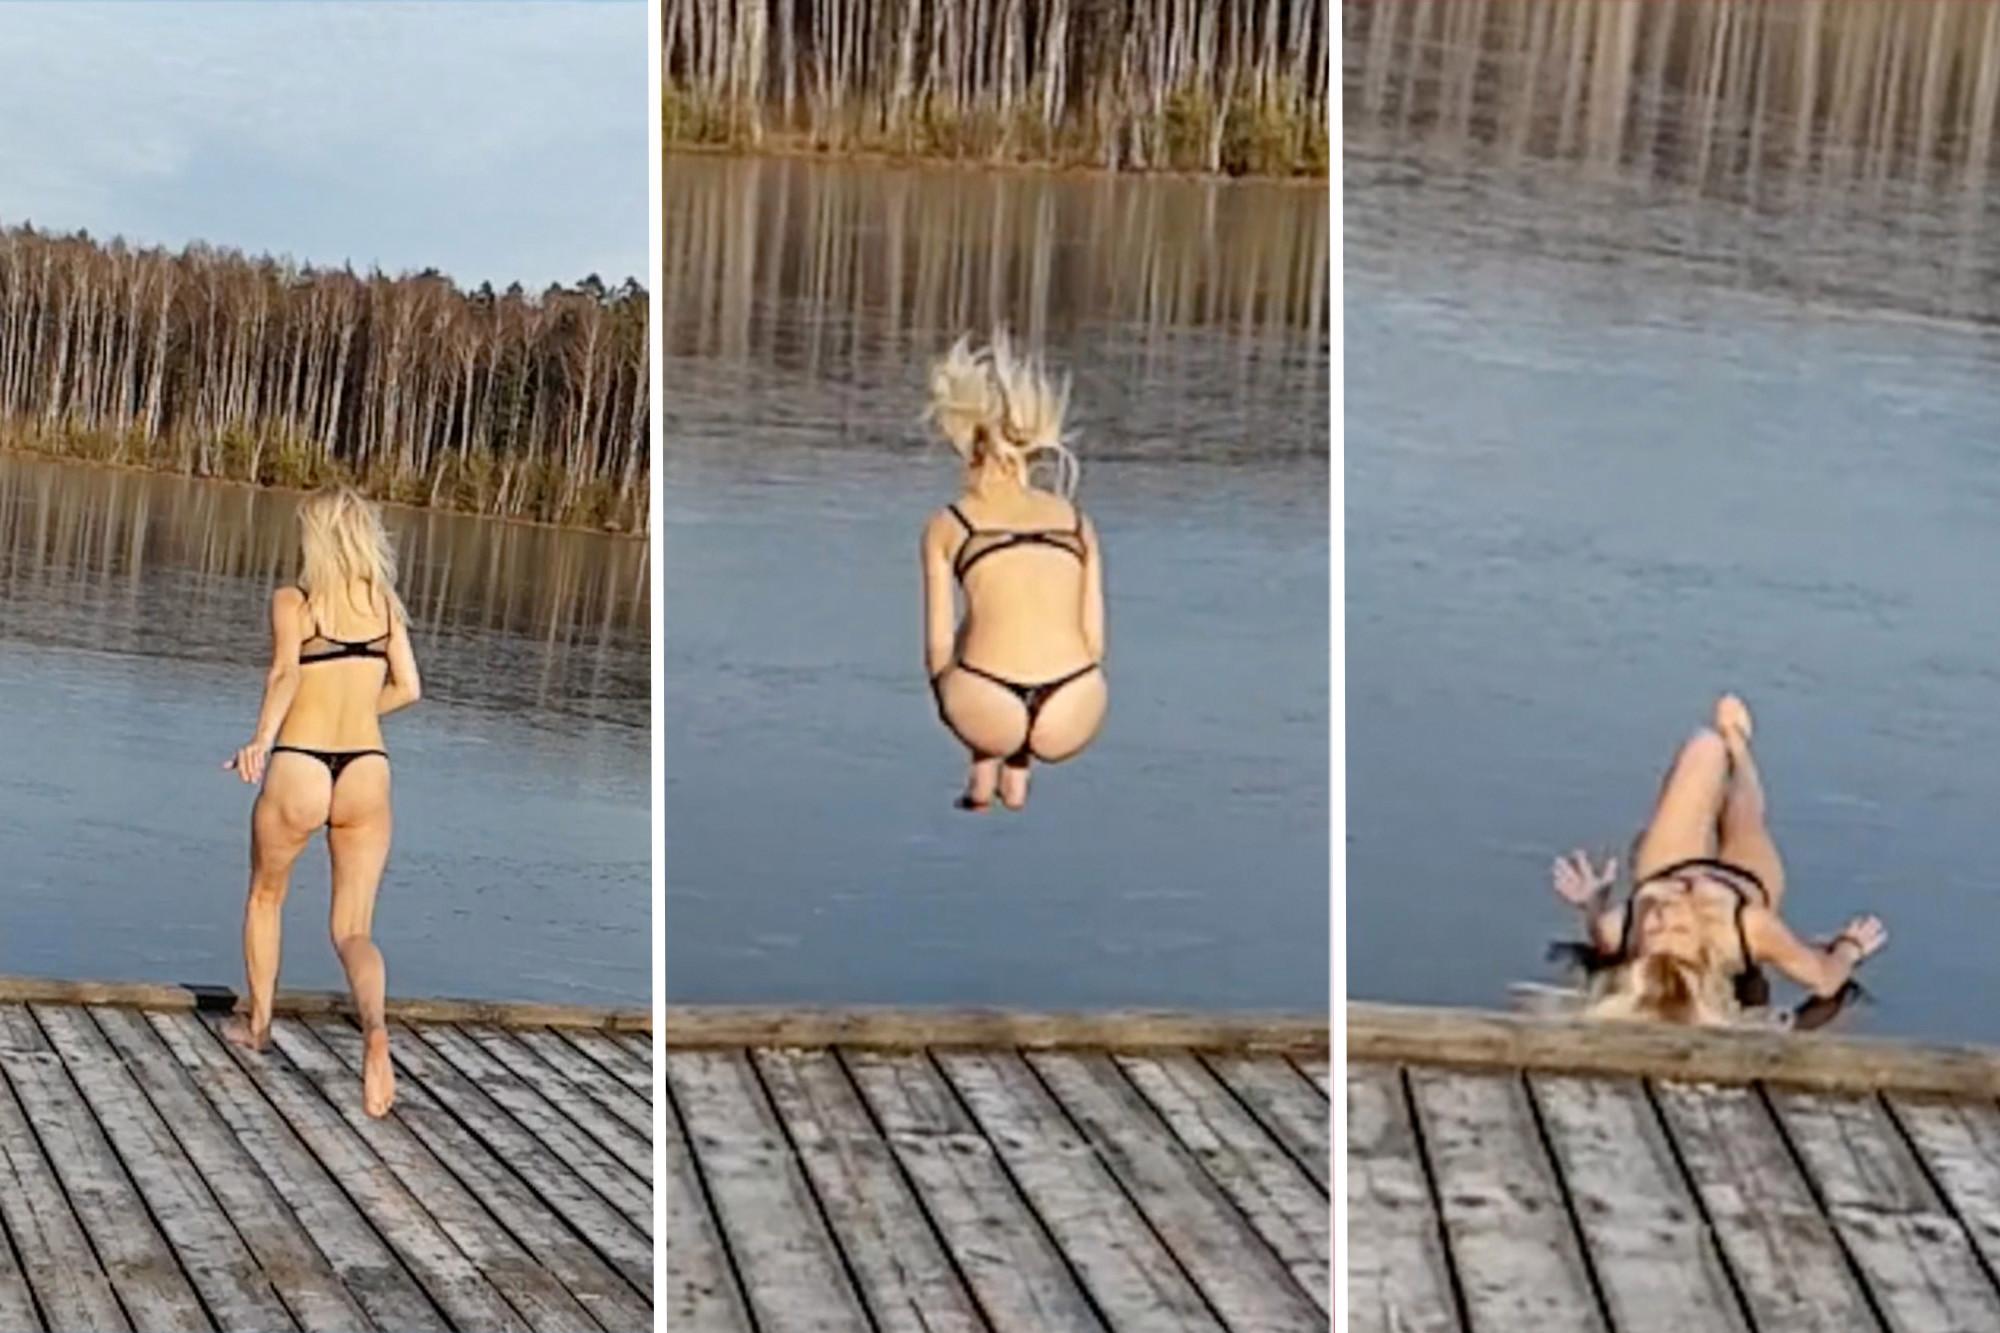 Russian bikini sheila bounces off frozen lake after trying to jump in it